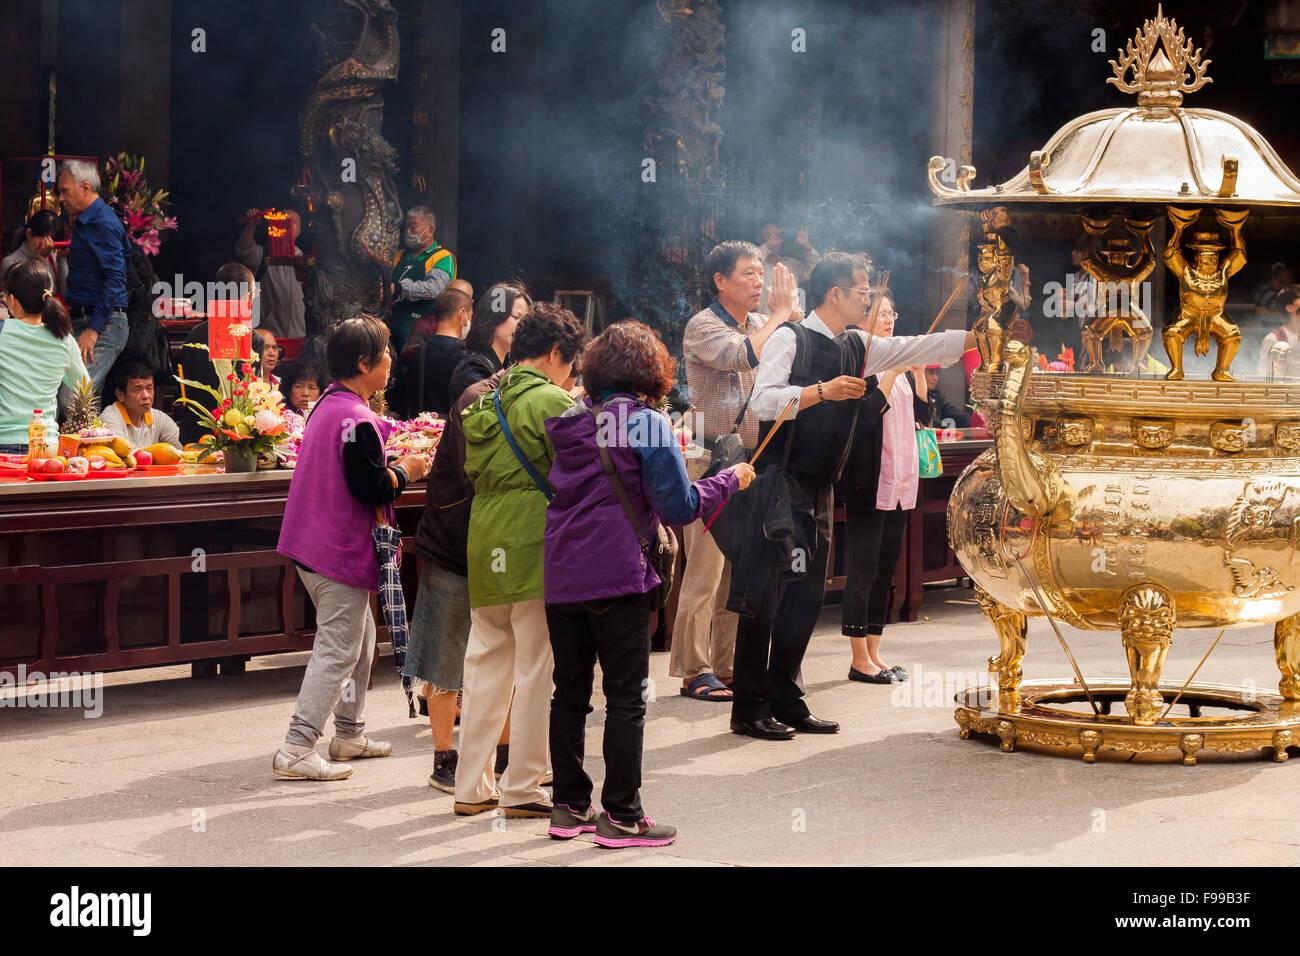 TAIPEI, TAIWAN - APRIL 23: people pray in Longshan temple in Taipei, Taiwan on April 23th 2015. - Stock Image